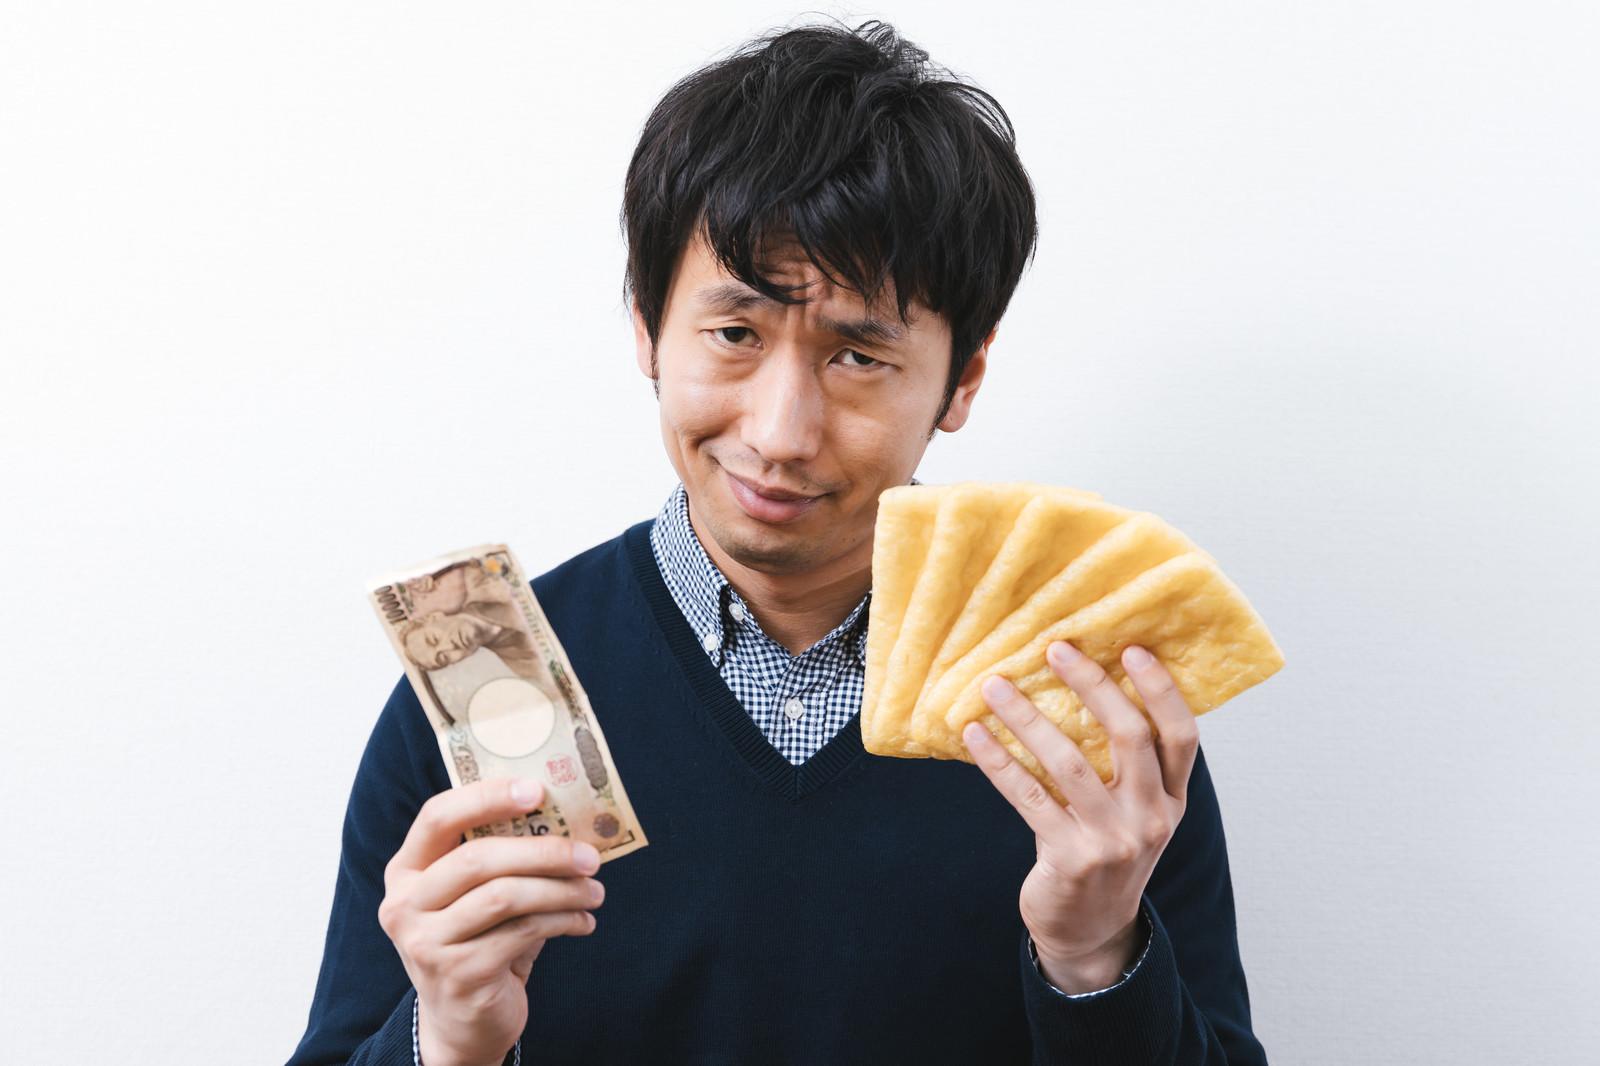 ▲▼上班族,鈔票,硬幣,獎金,加薪,窮,吃吐,沒錢。(圖/翻攝自pakutaso)